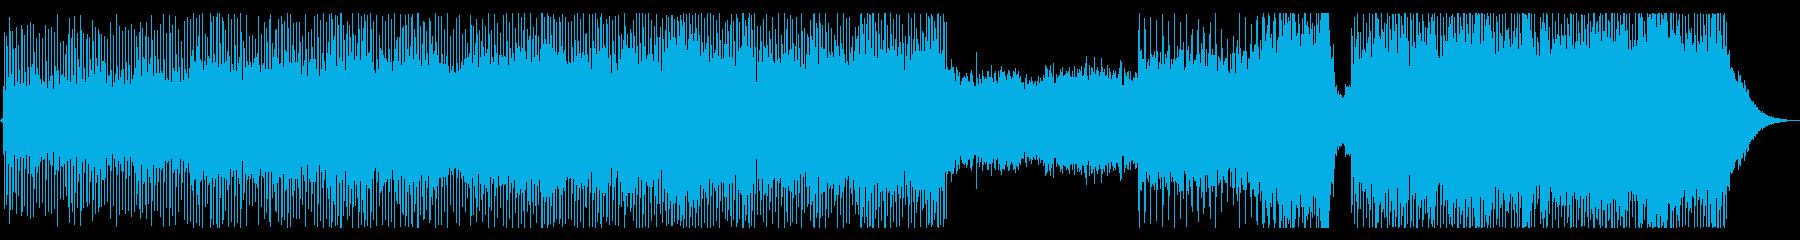 バグパイプを使ったケルト風トランスの再生済みの波形